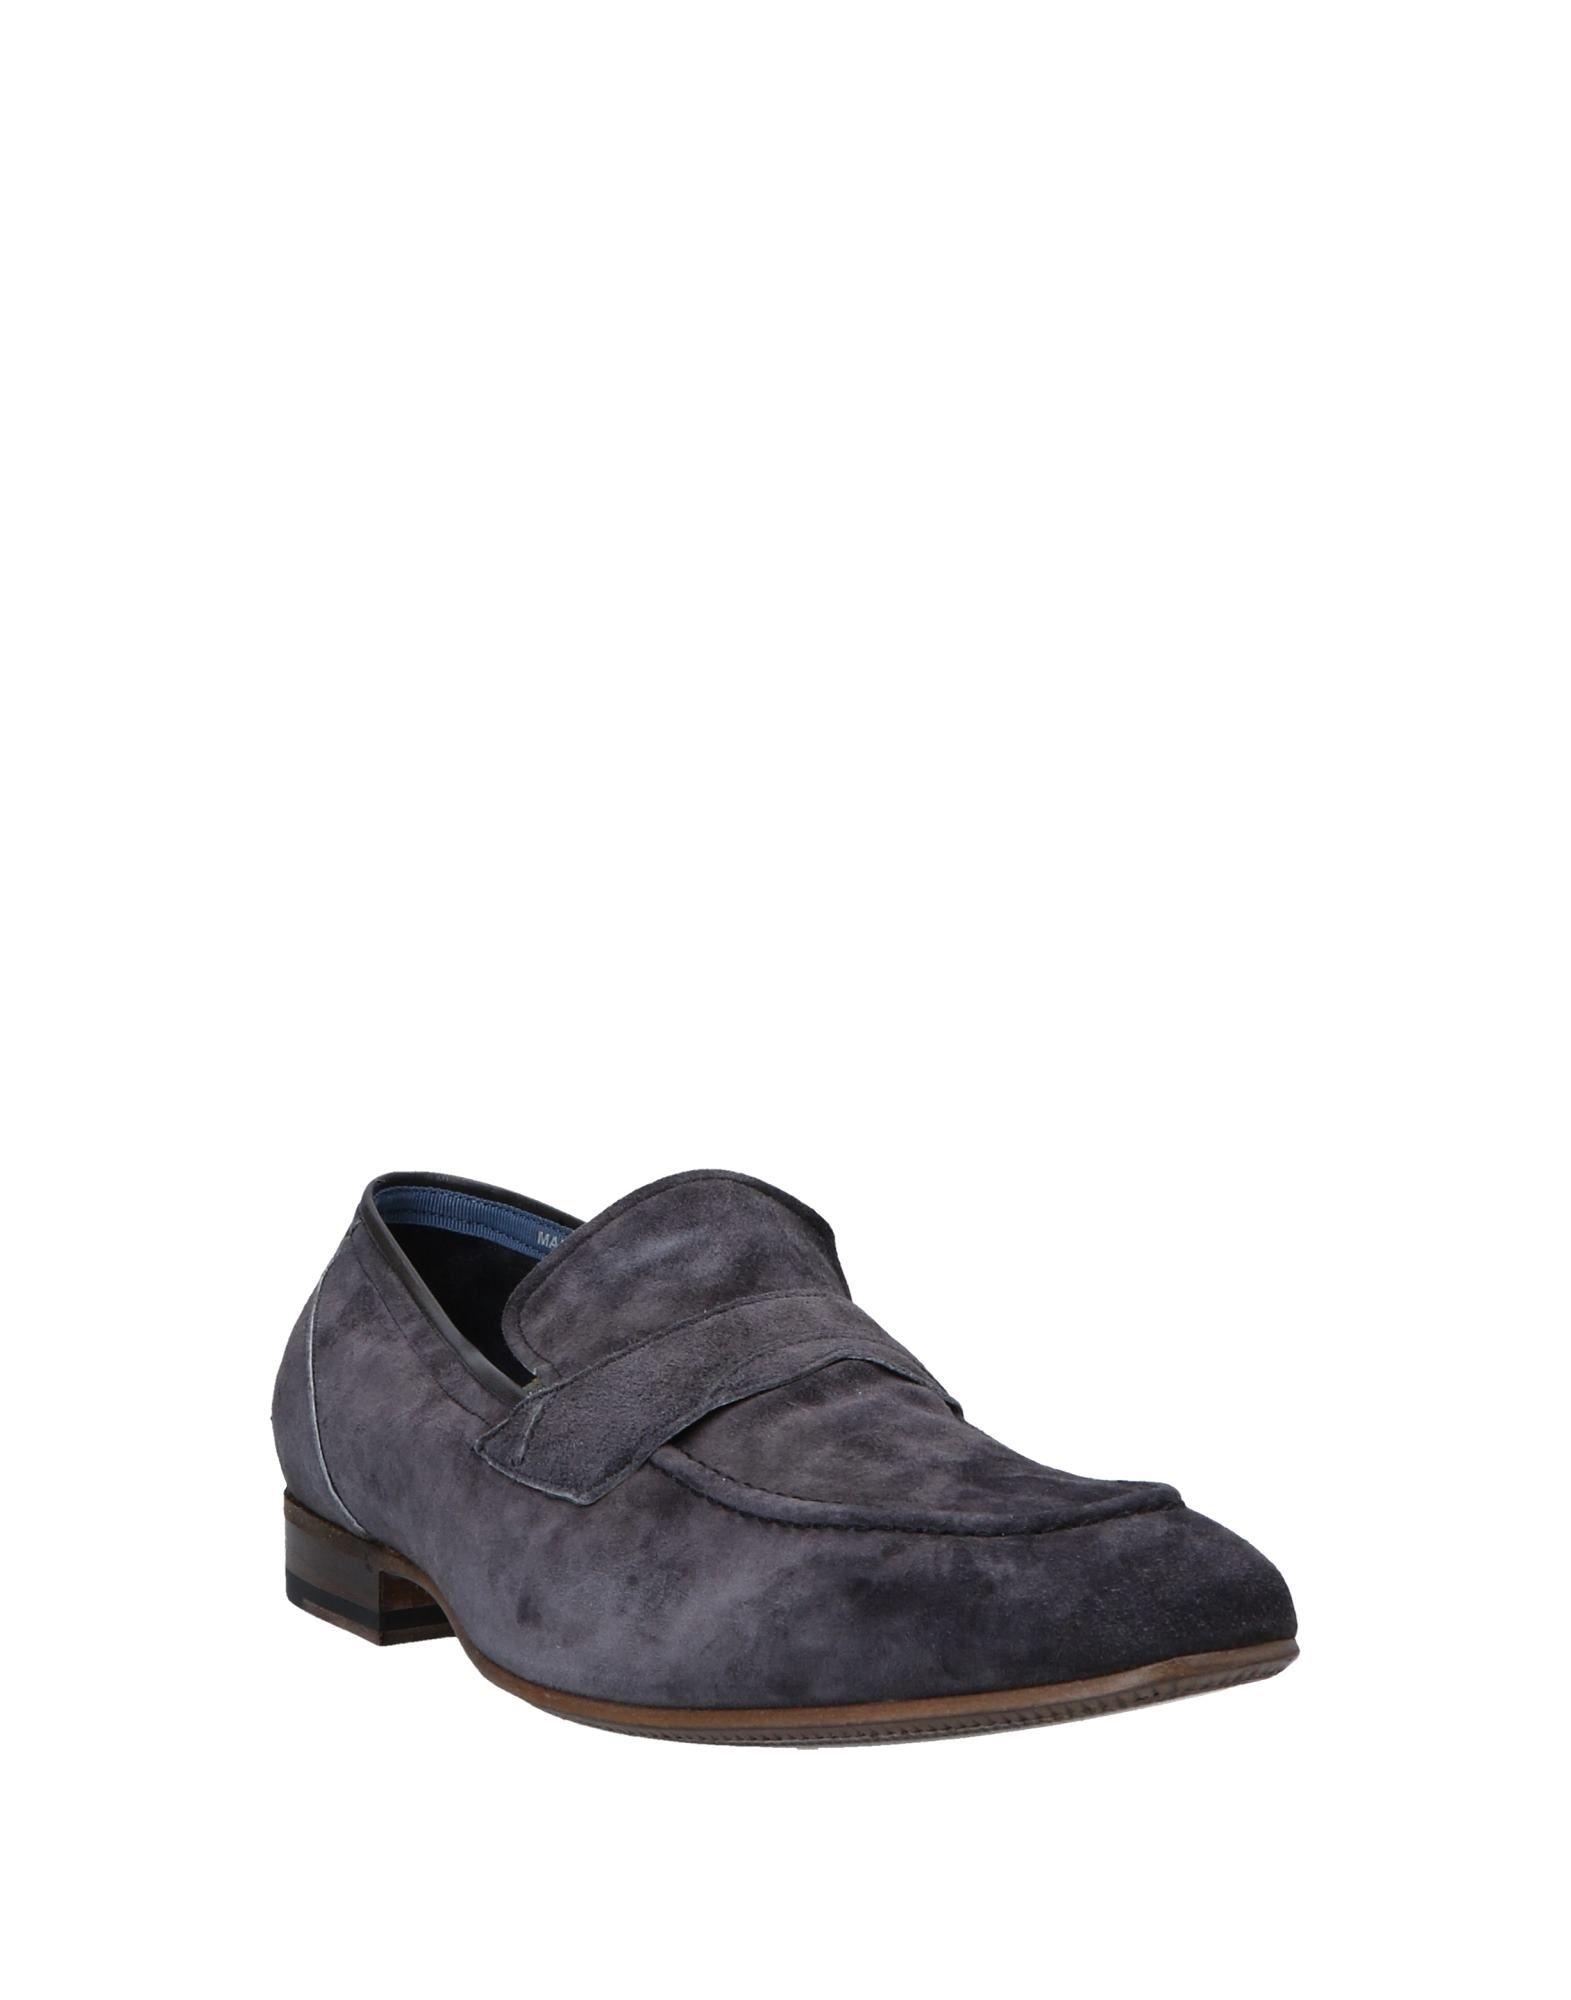 Rabatt echte Schuhe Herren Barracuda Mokassins Herren Schuhe  11547815OG b177e6